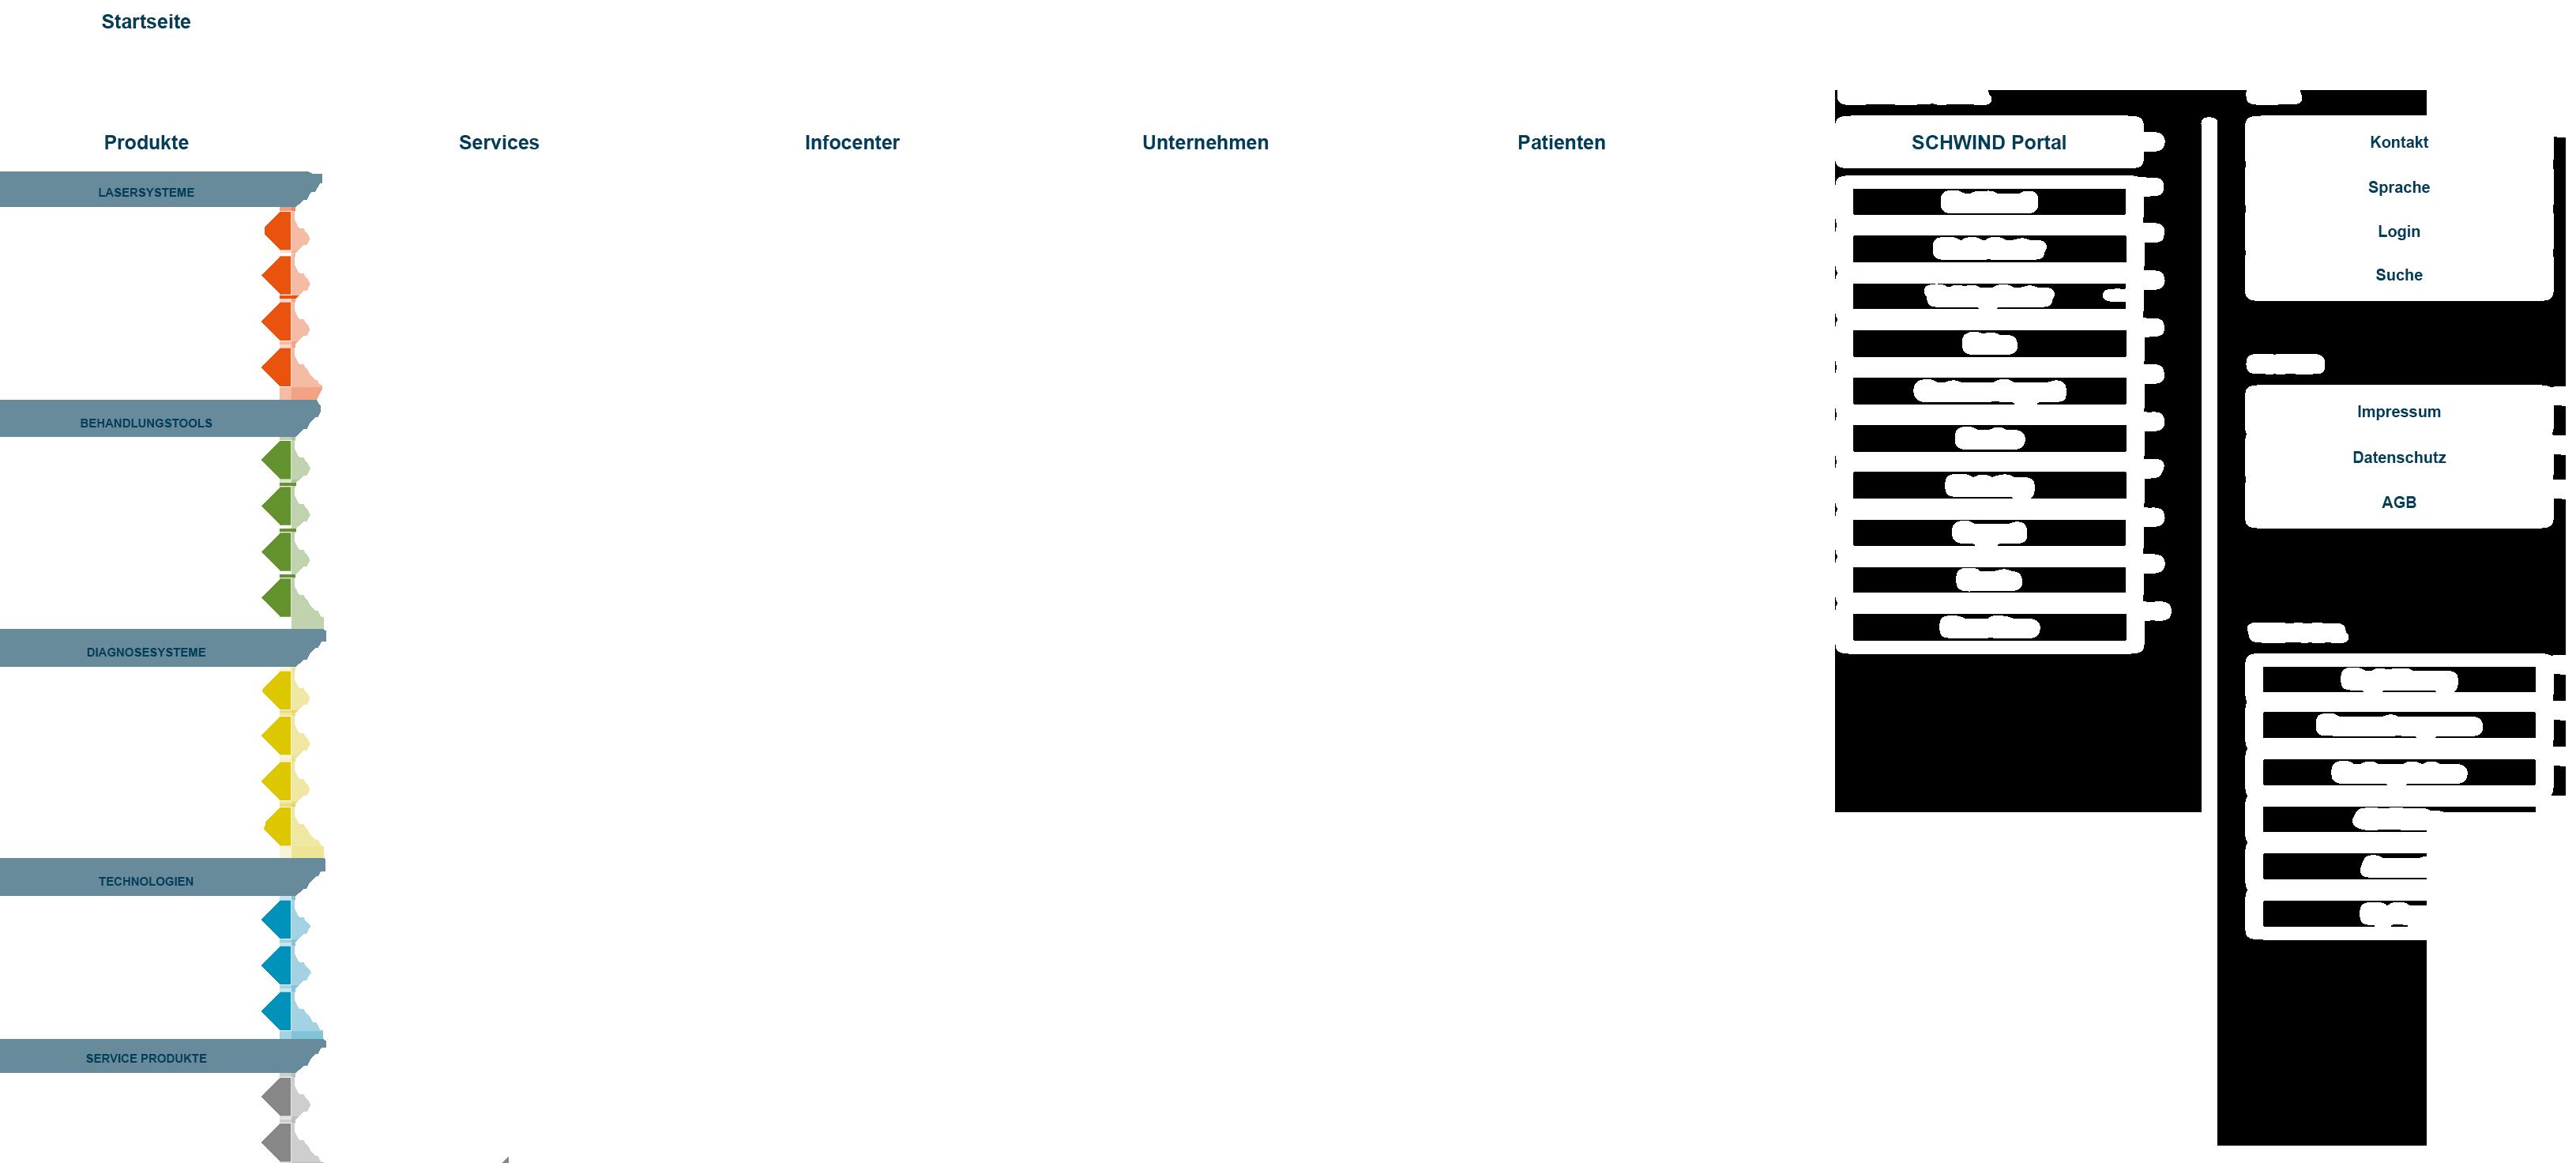 Schwind Sitemap Webseite